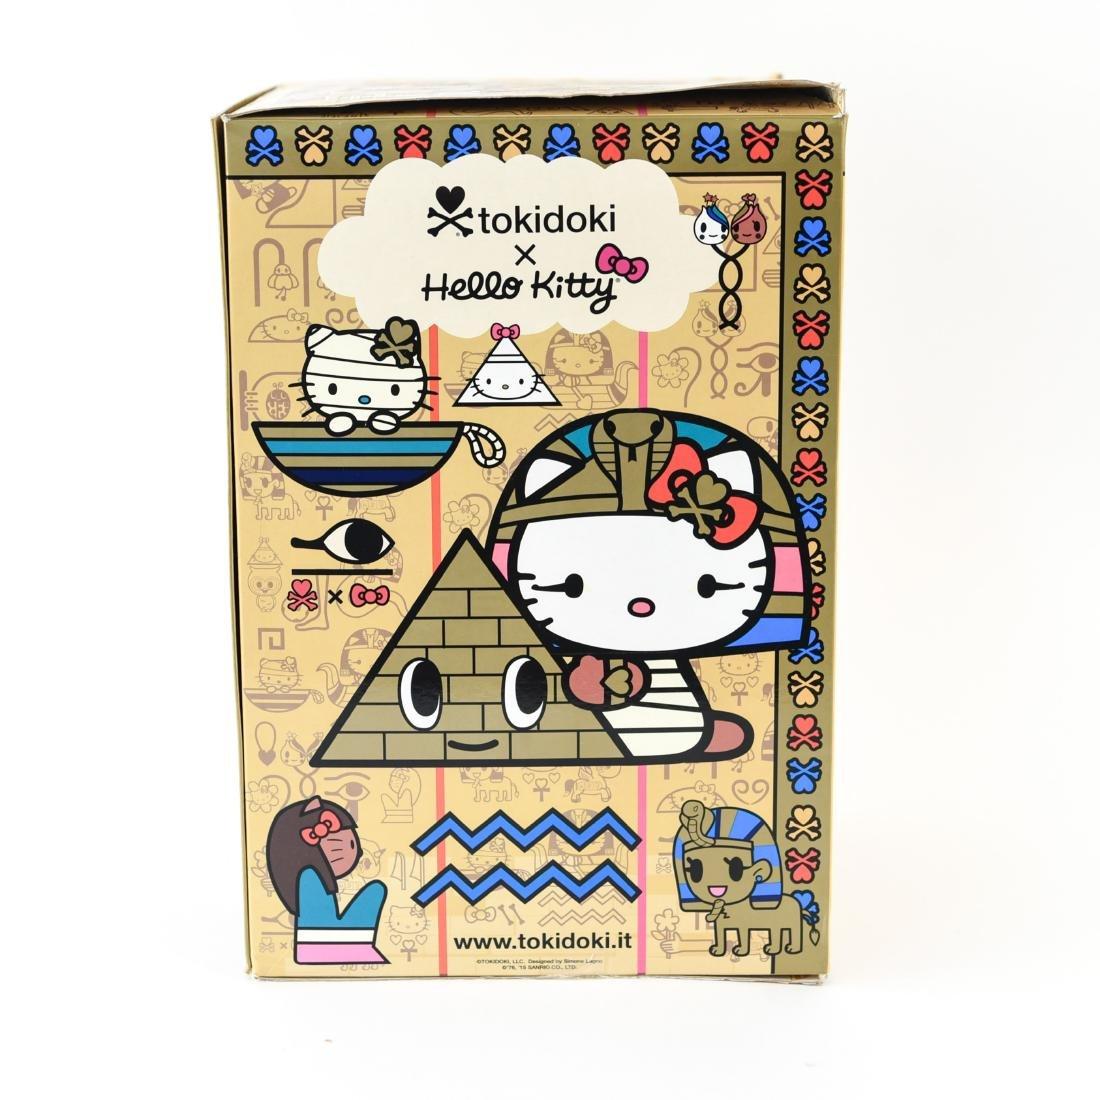 TOKIDOKI X HELLO KITTY KITTYPATRA FIGURE - 6